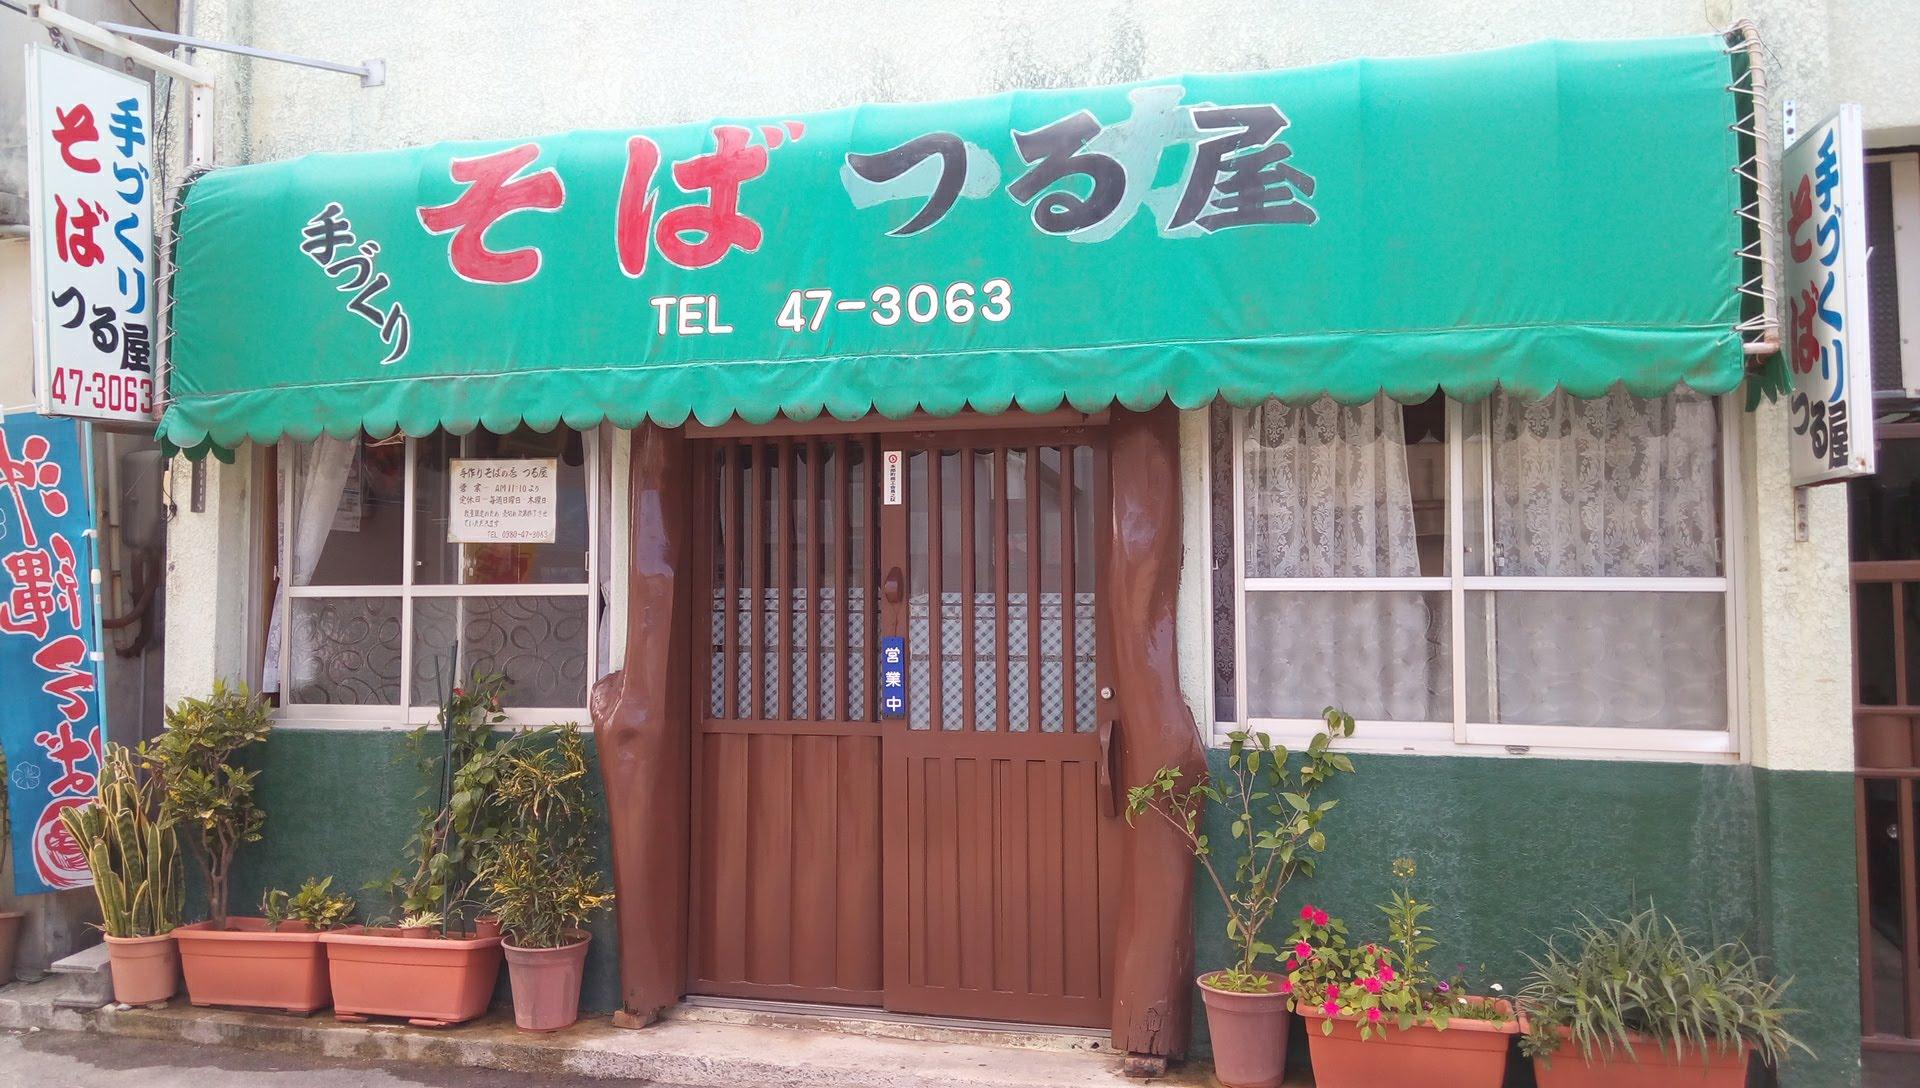 本部町で半世紀以上愛され続けている老舗沖縄そばの店つる屋